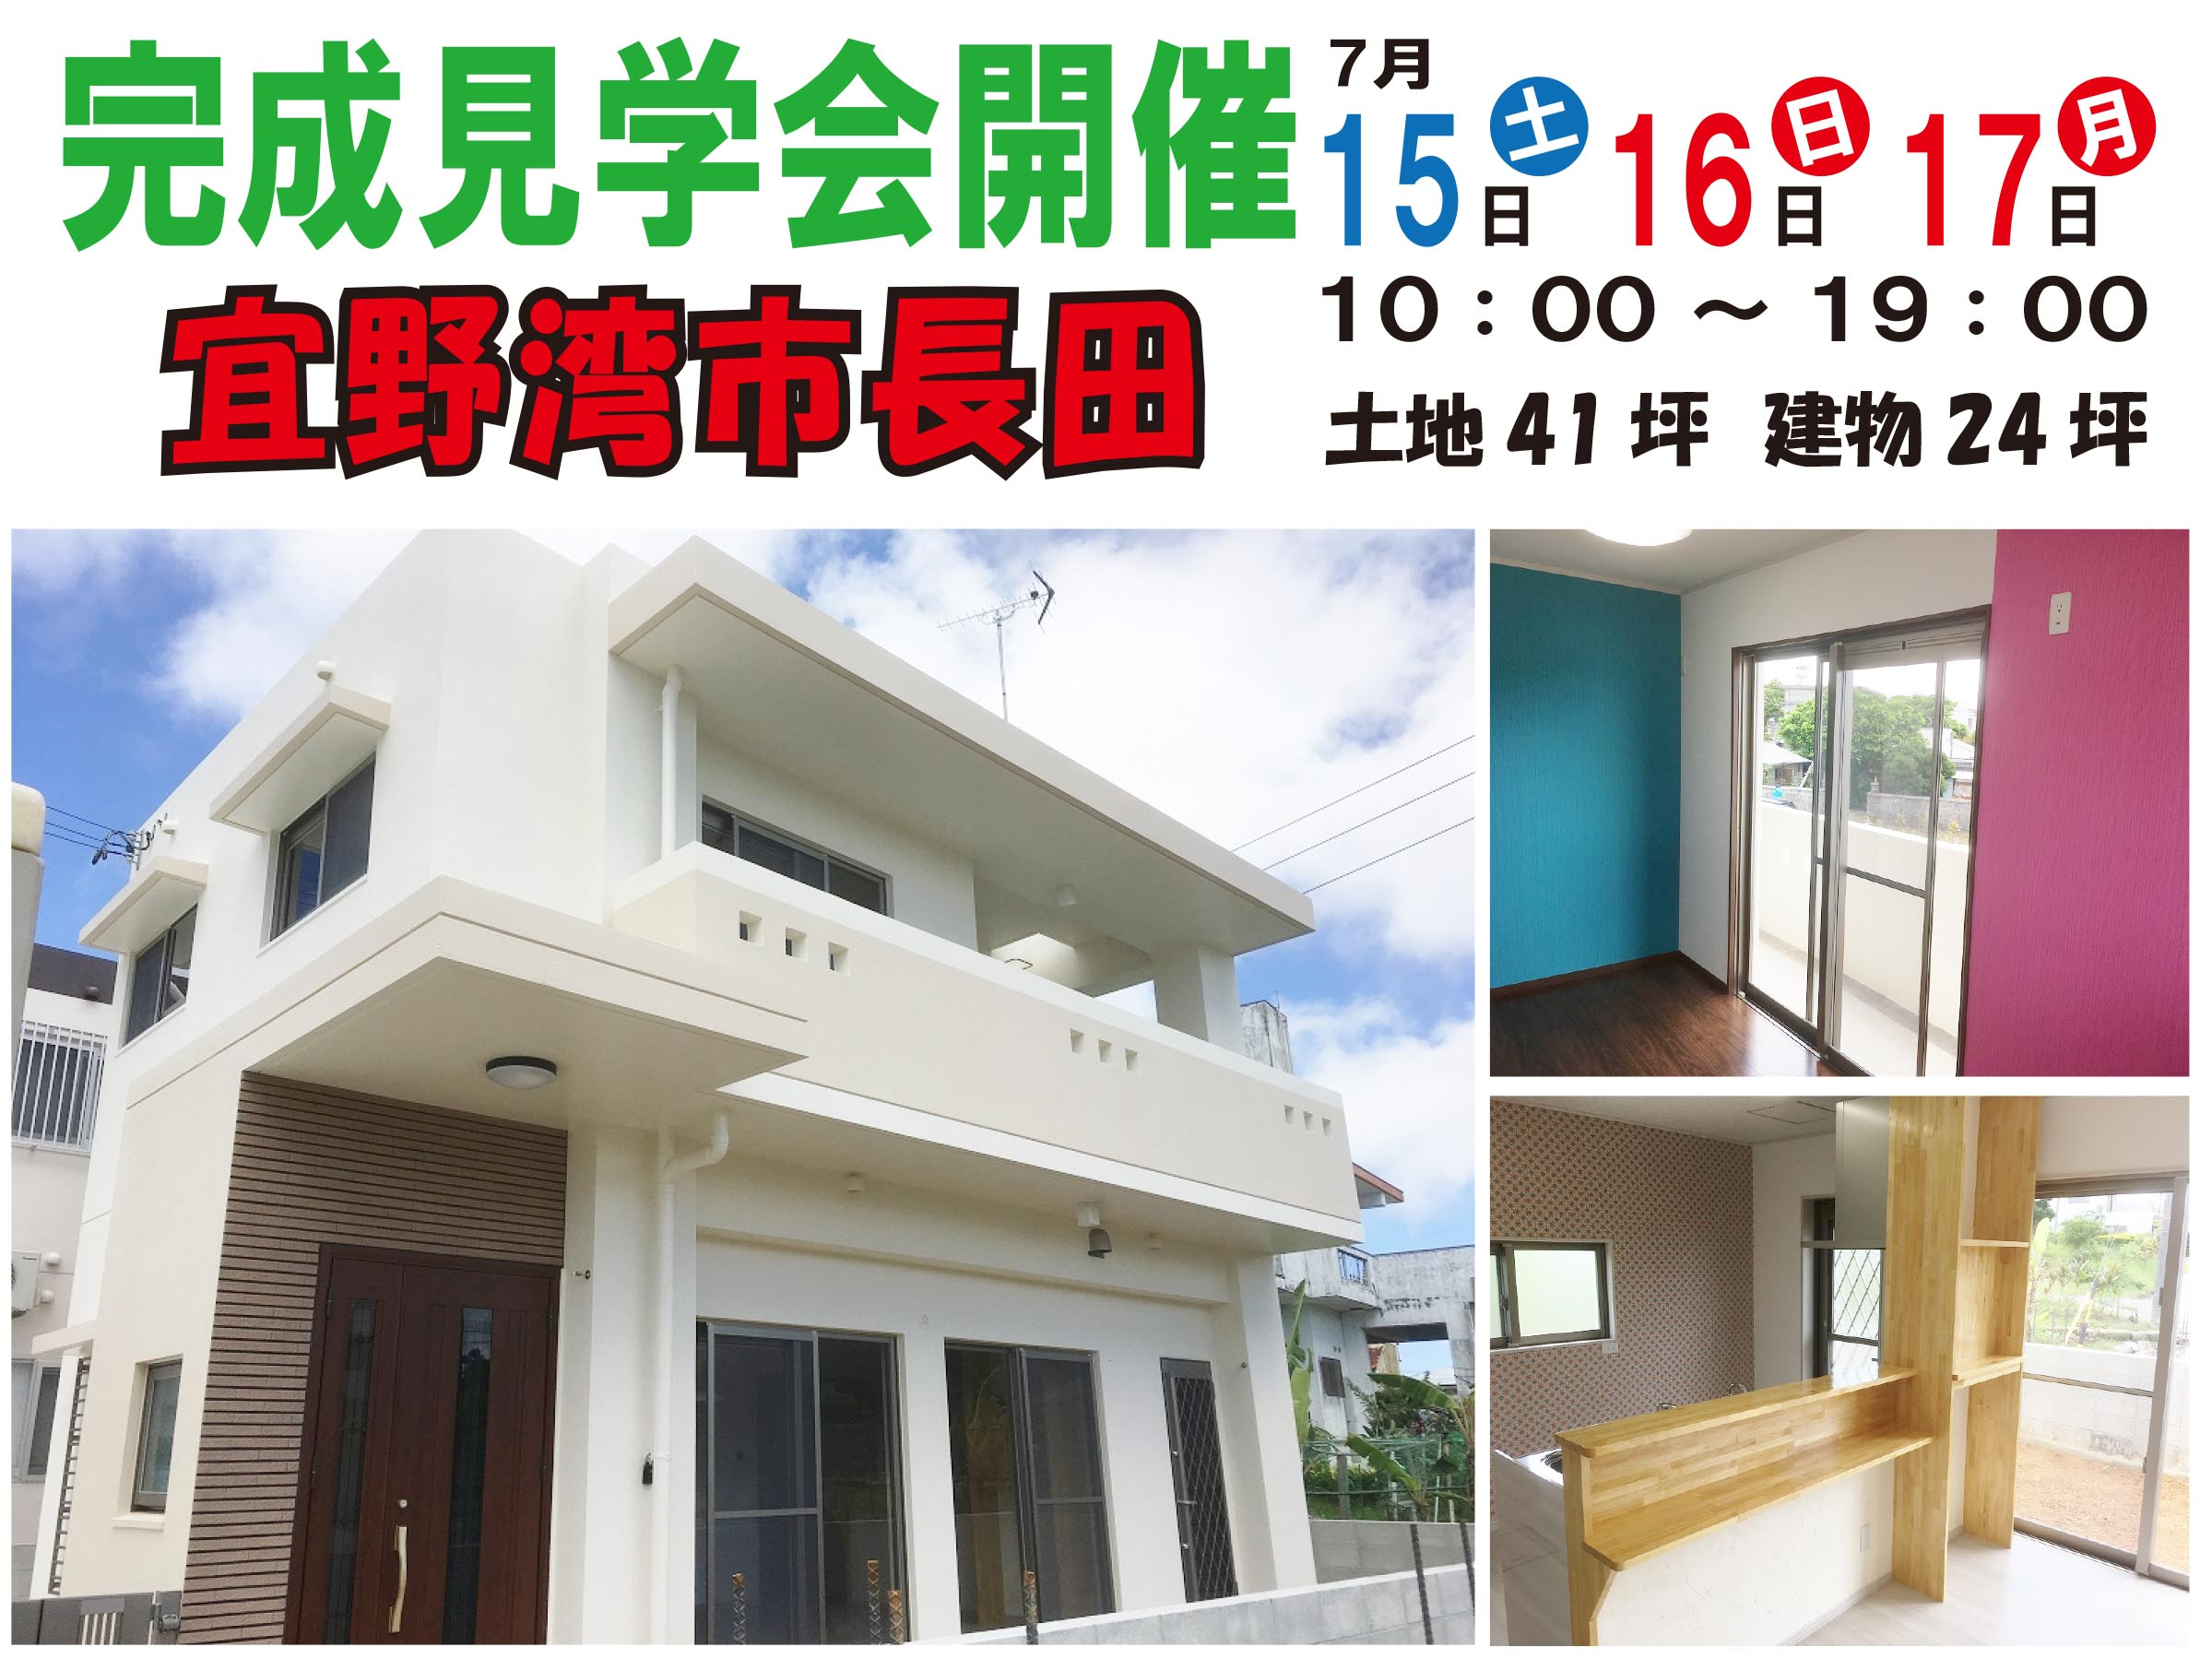 宜野湾市長田にてオープンハウス&無料住宅相談会を開催!